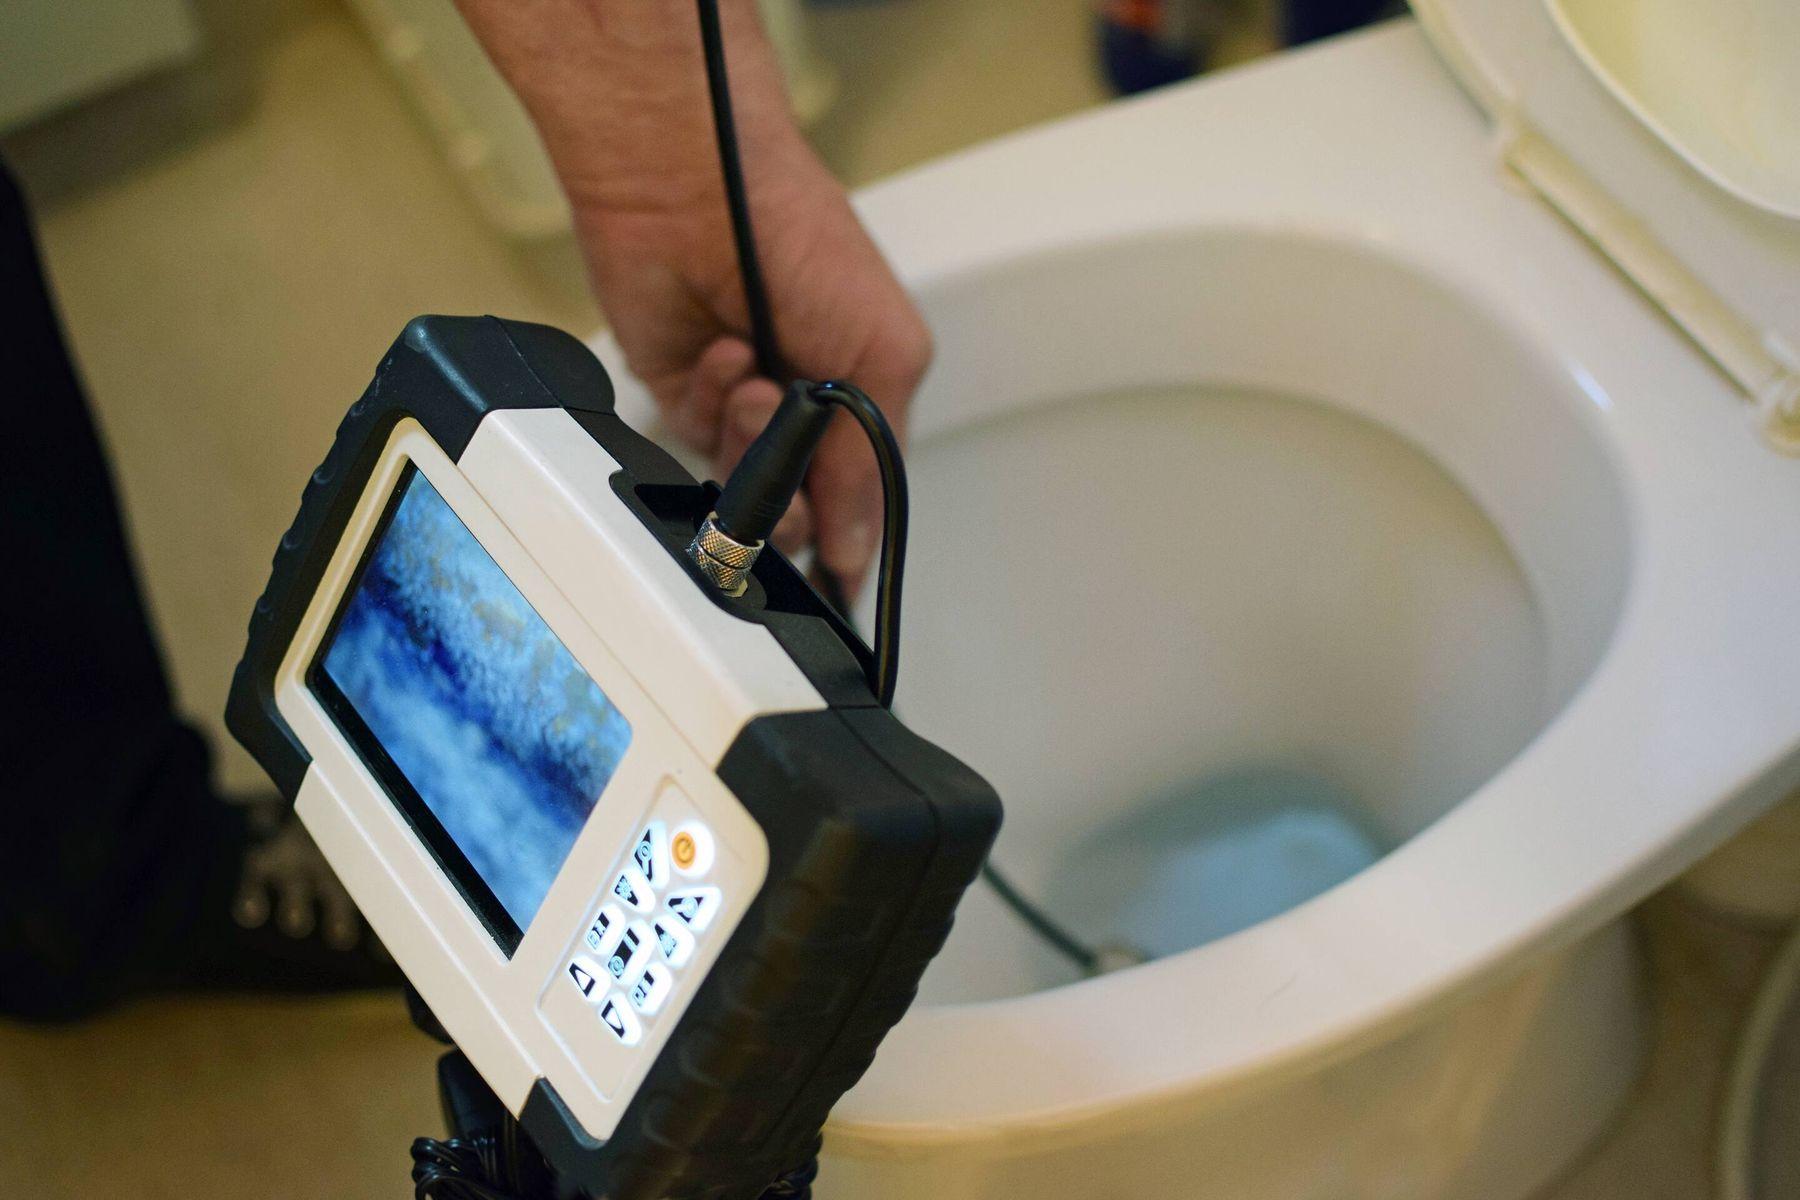 Thiết bị camera kiểm tra vật cản gây nghẹt bồn cầu và giúp xử lý thông tắc bồn cầu nhanh hơn.